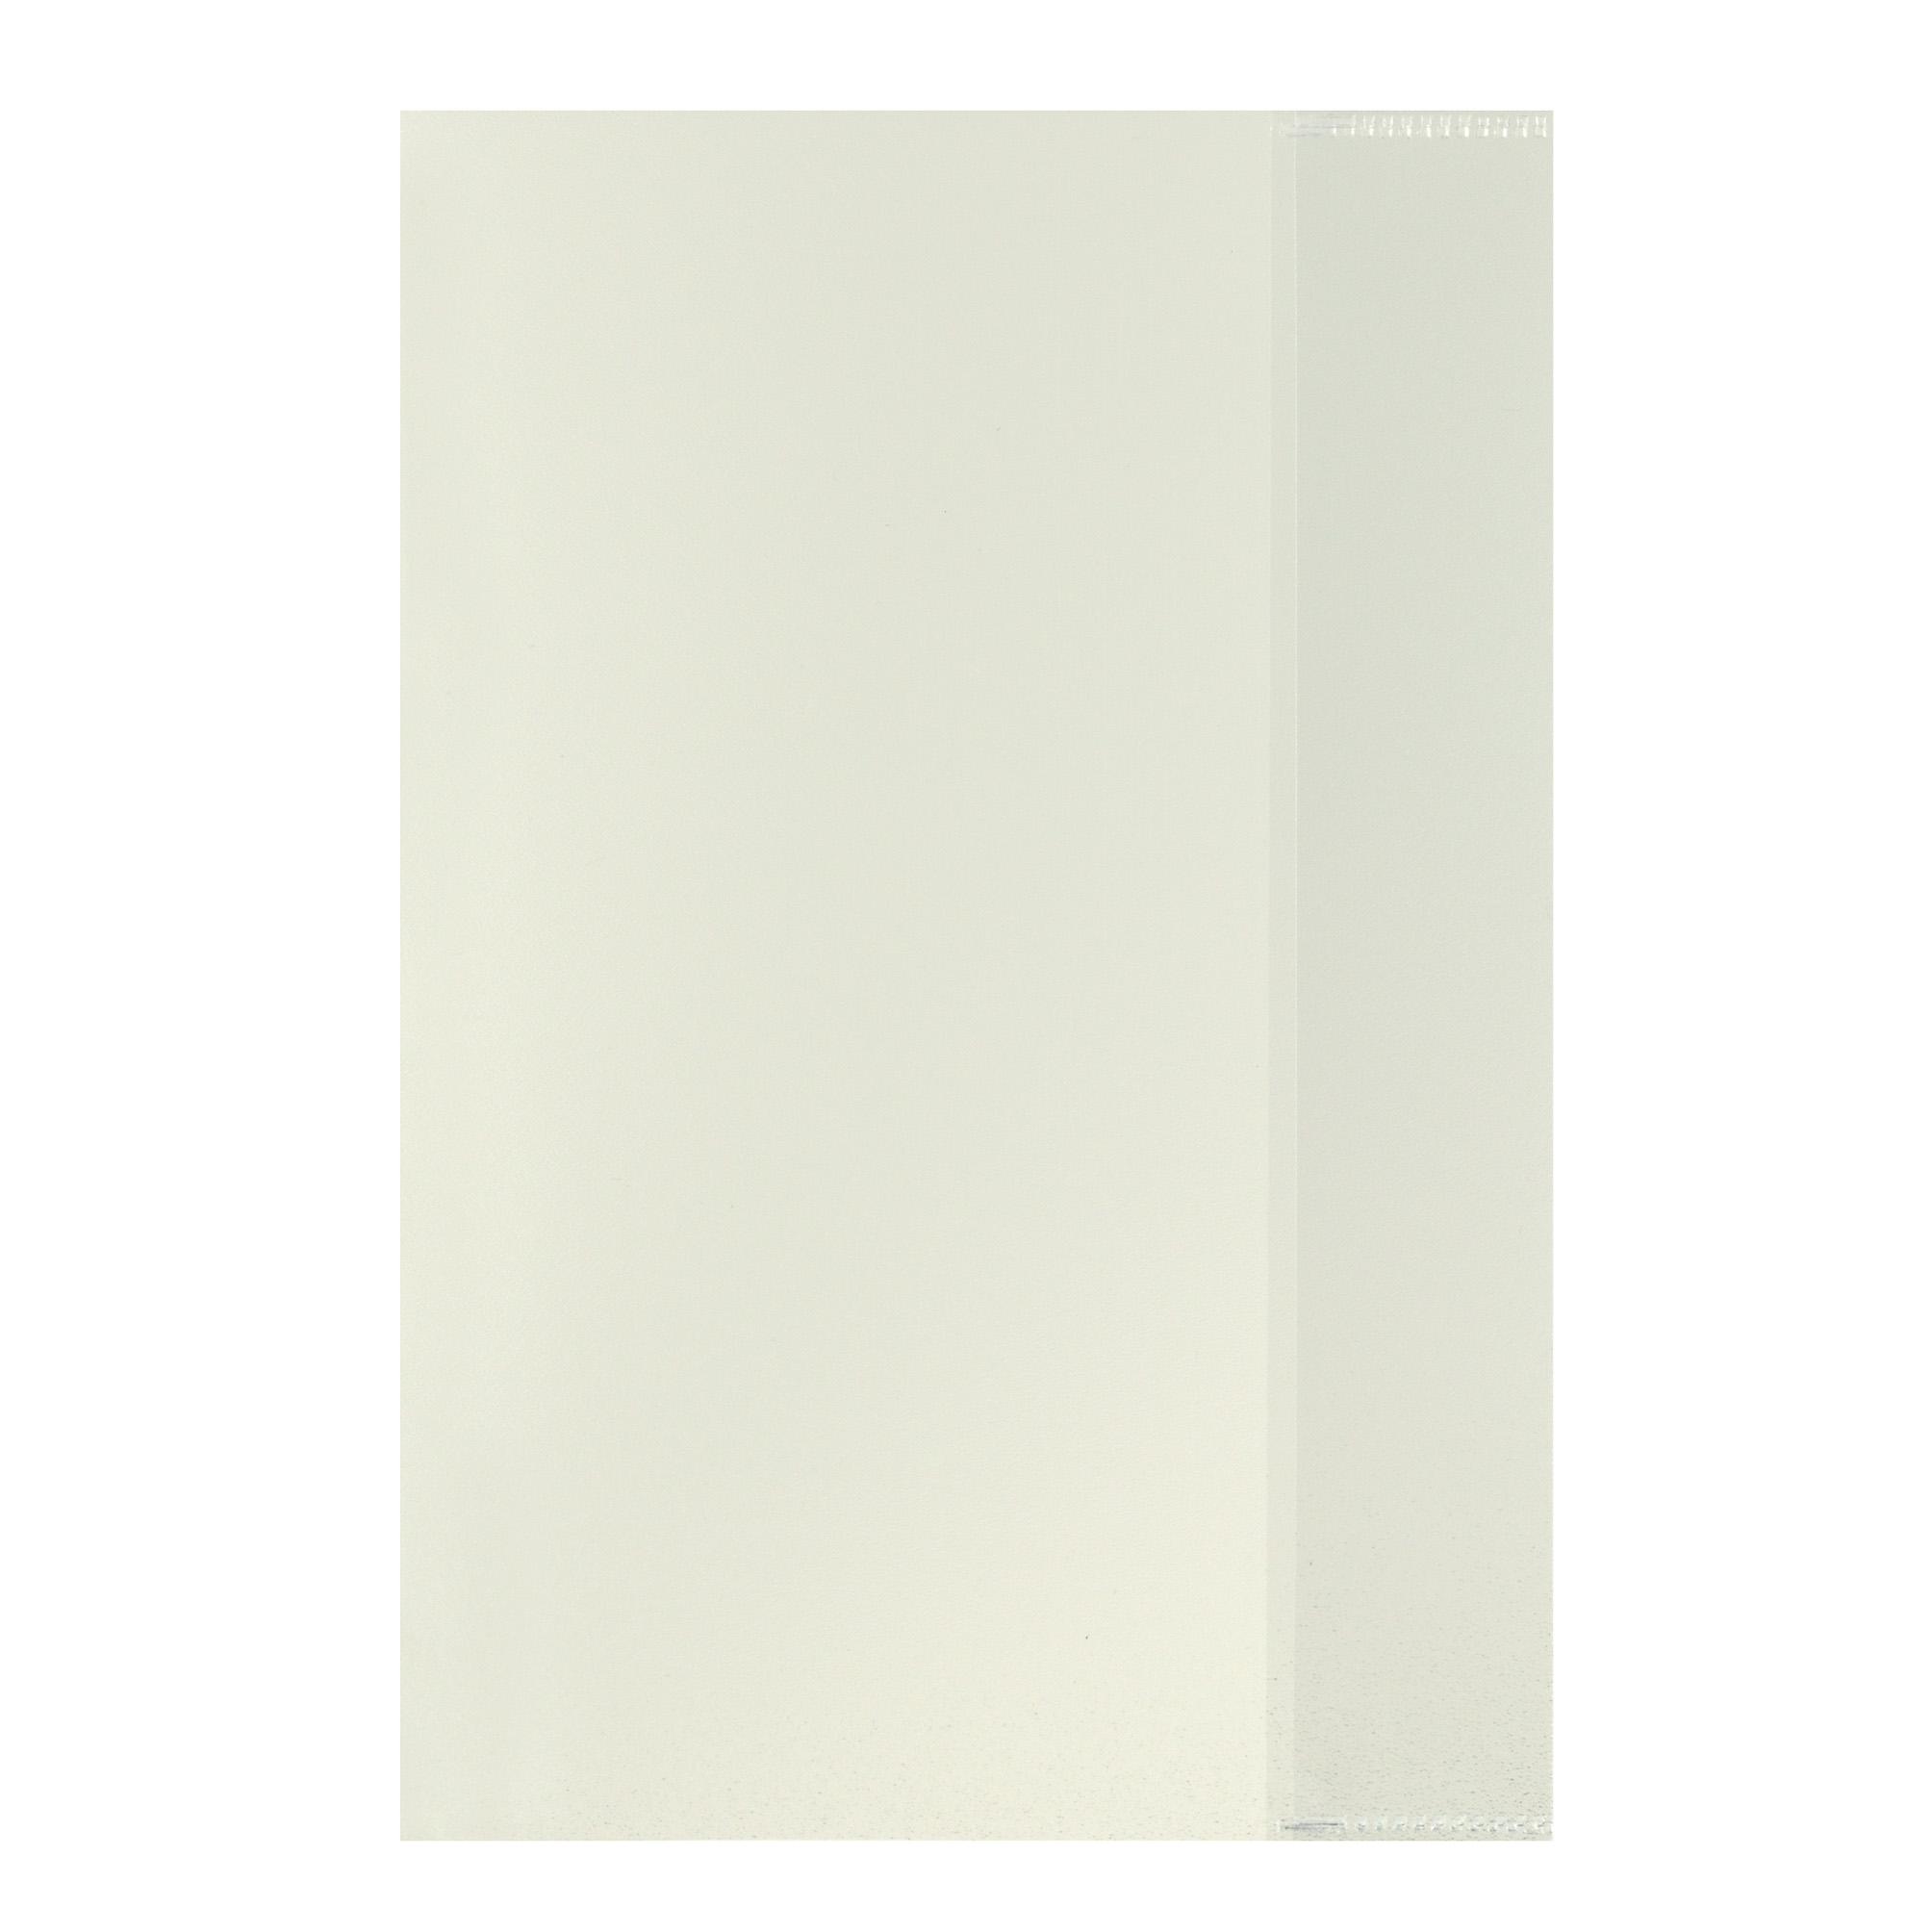 10 Herlitz Heftumschlage Hefthullen Din A5 Farbe Transparent